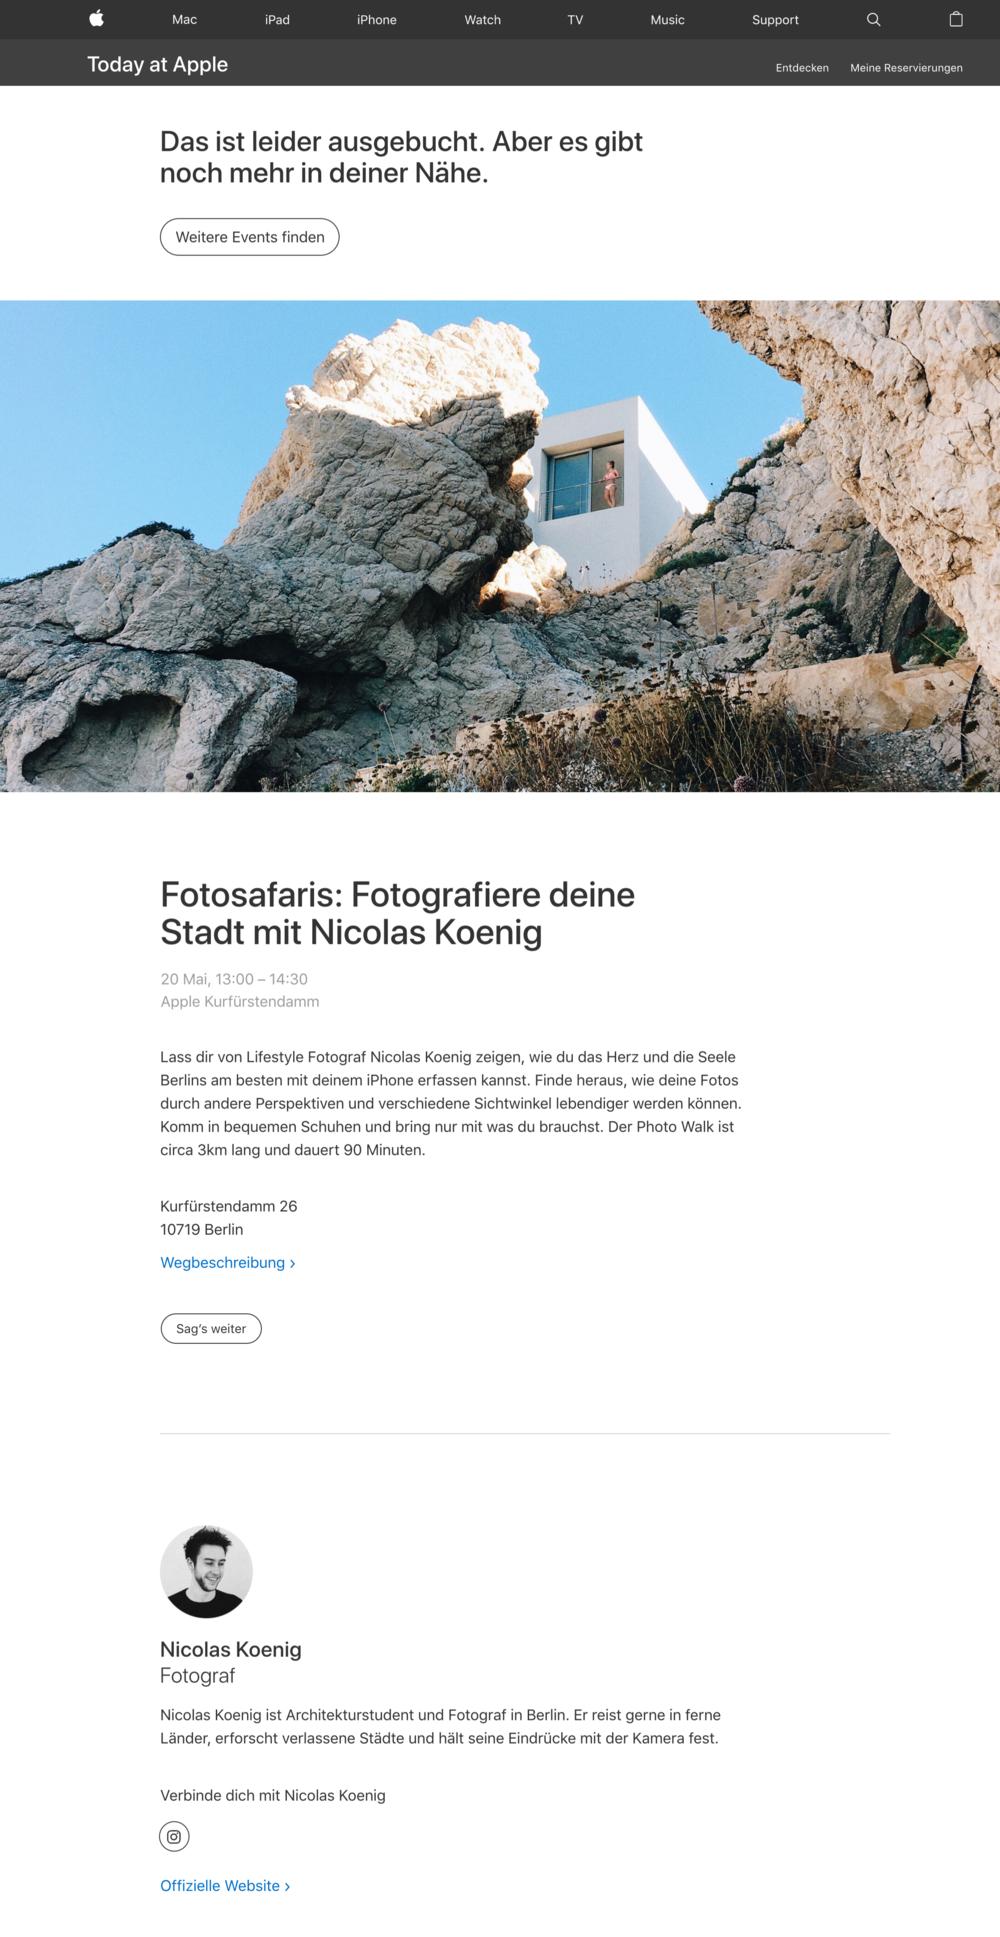 5:2o_BER_VSCO_Nicolas Koenig.png